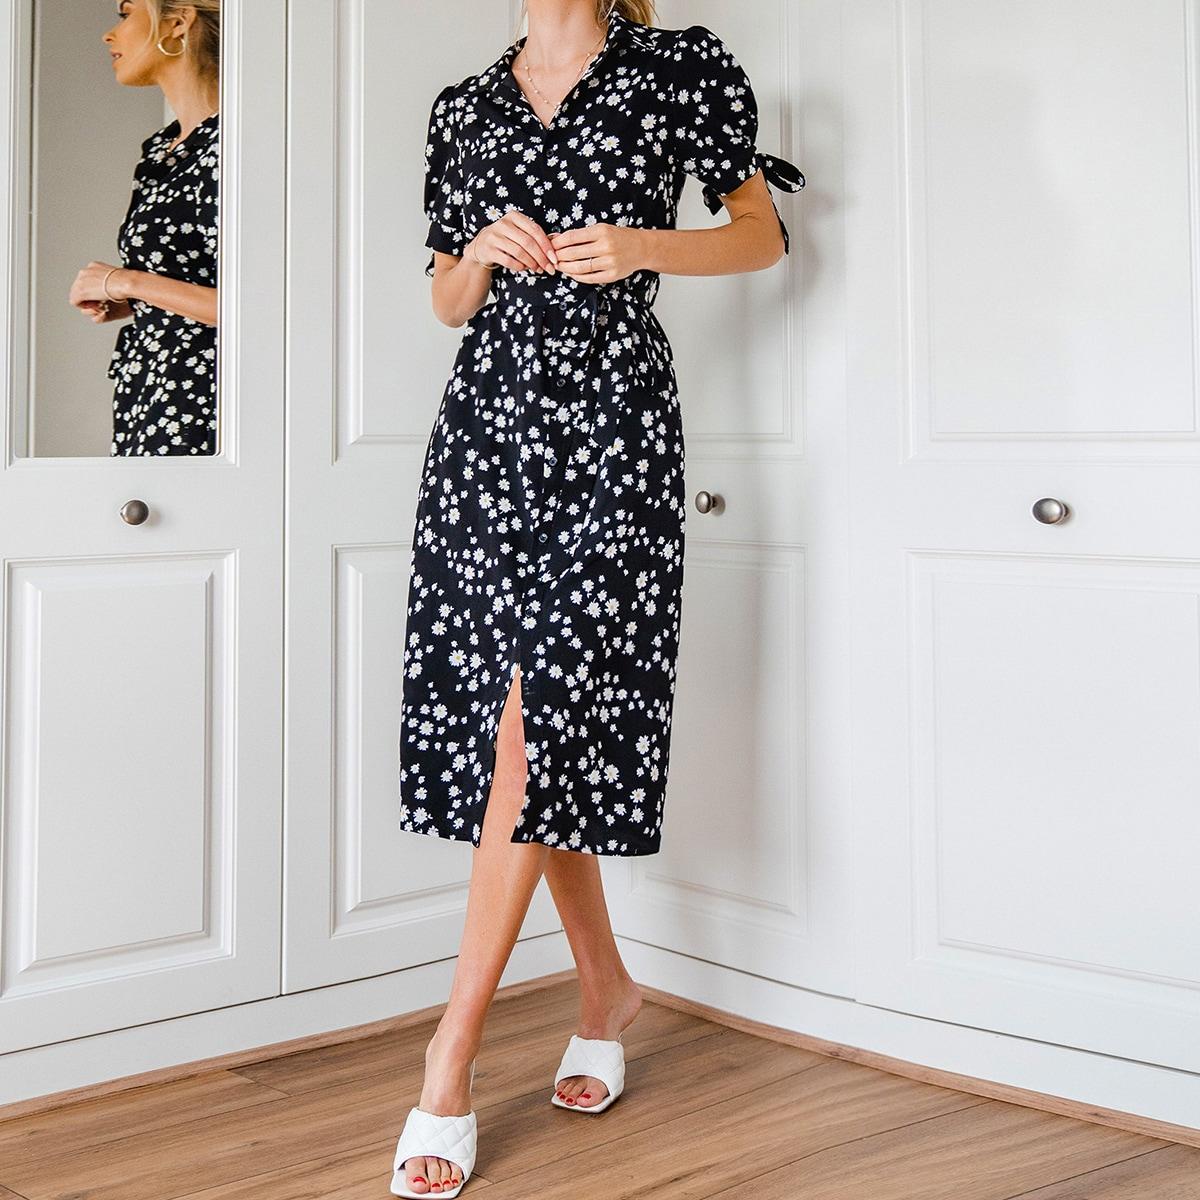 Платье-рубашка с поясом, узлом и цветочным принтом фото